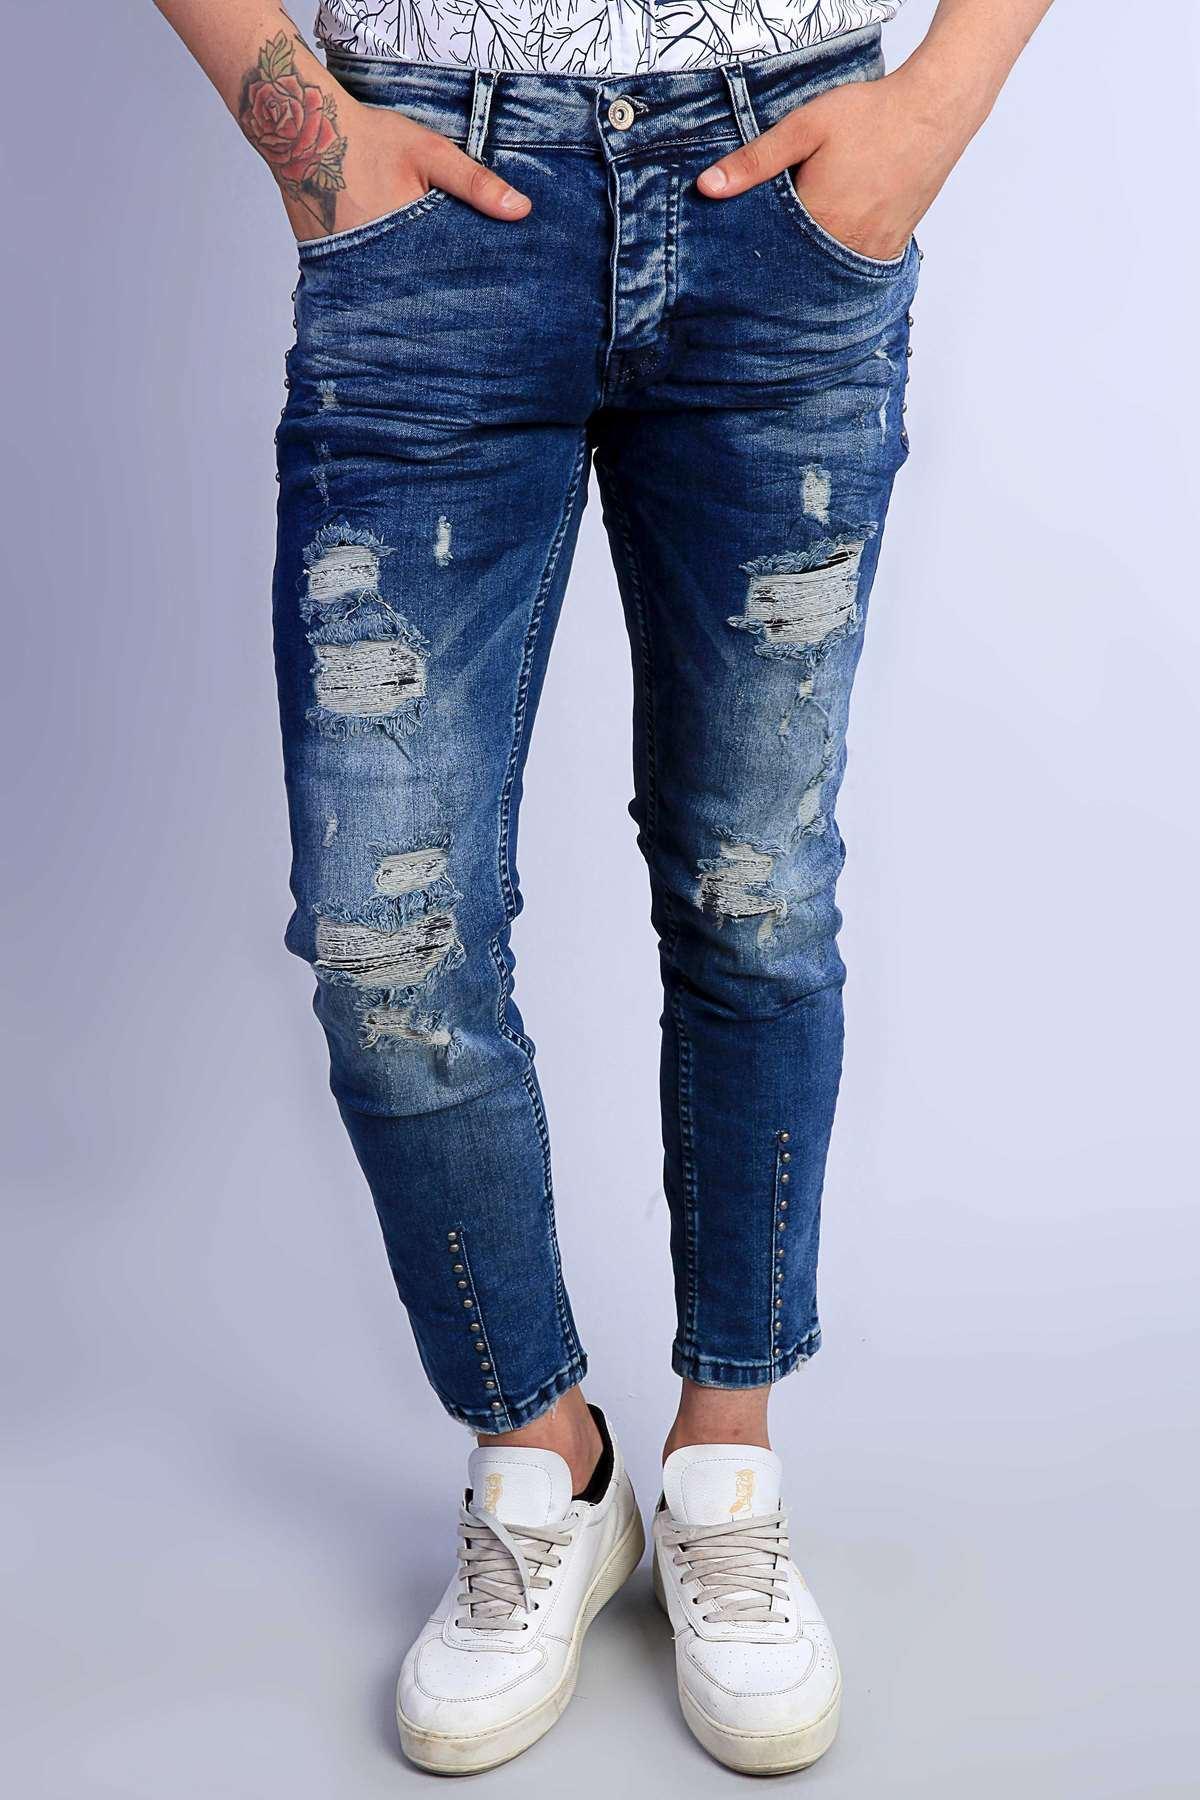 Paça Ucu Cep Yanı Metalli Püskül Yırtıklı Slim Fit Kot Pantolon Lacivert